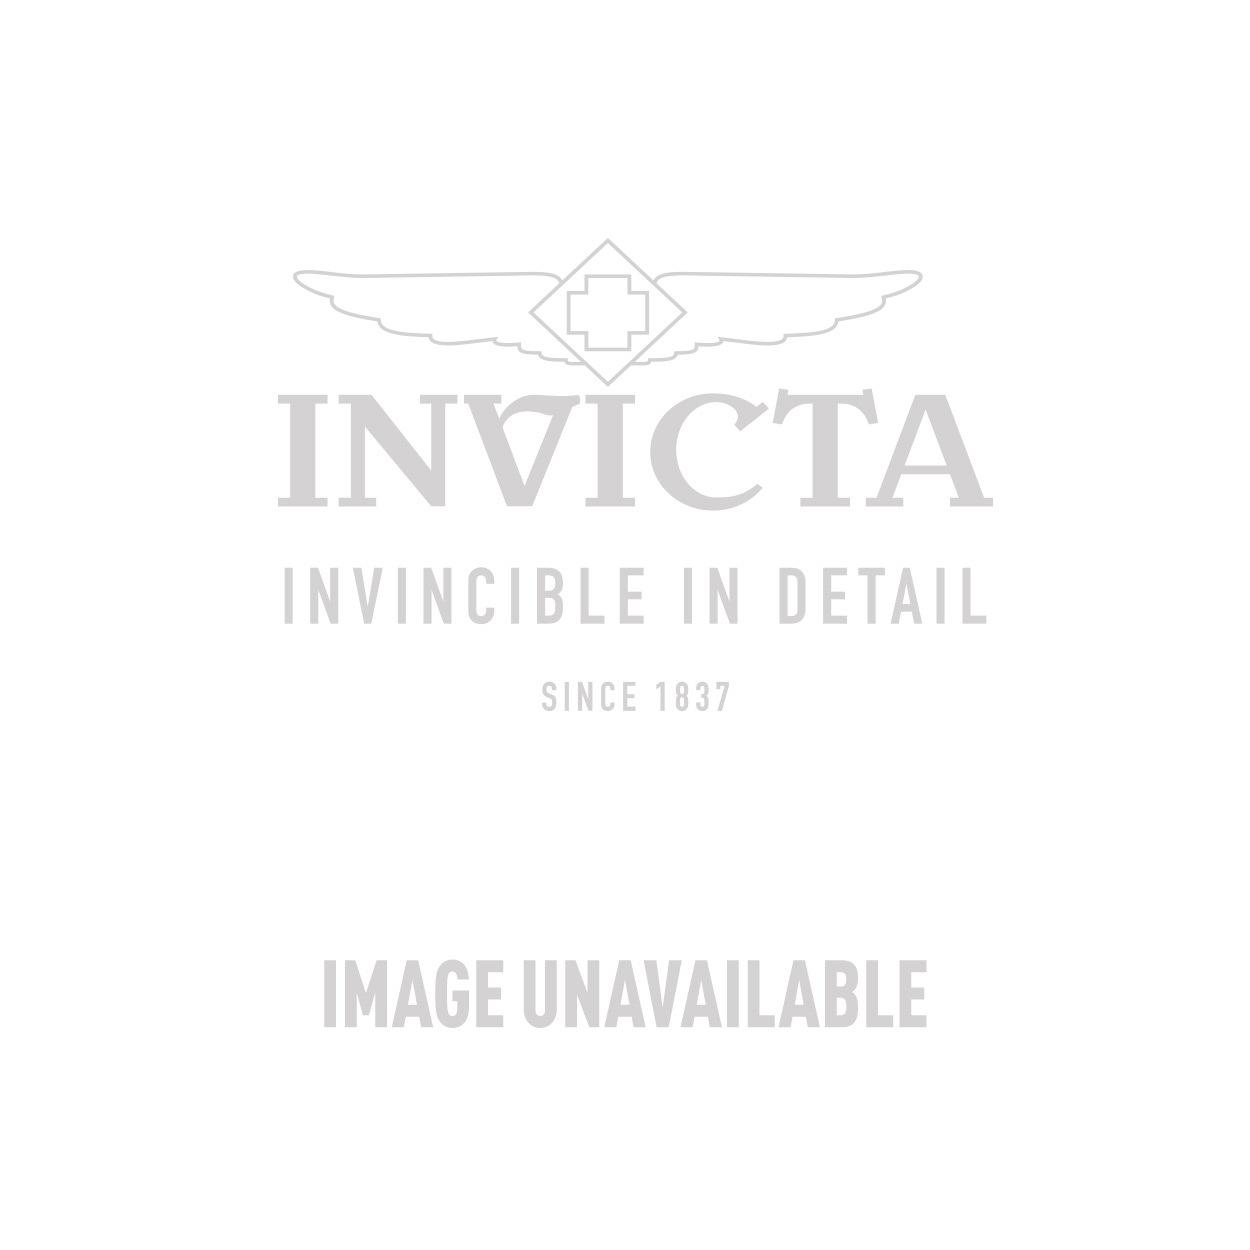 Invicta Model 23951